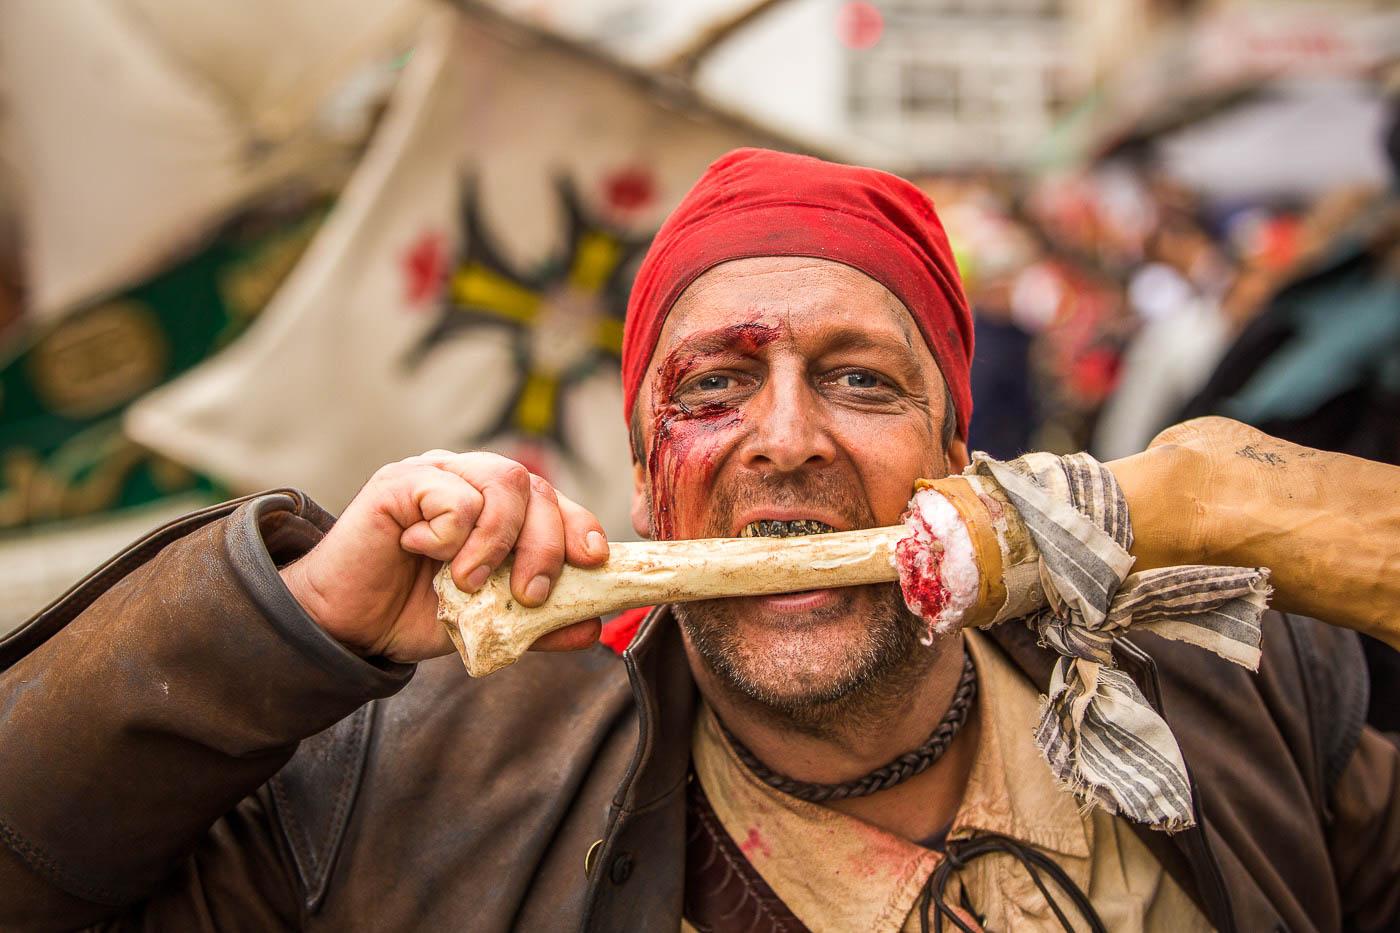 foto-festival-karneval-45